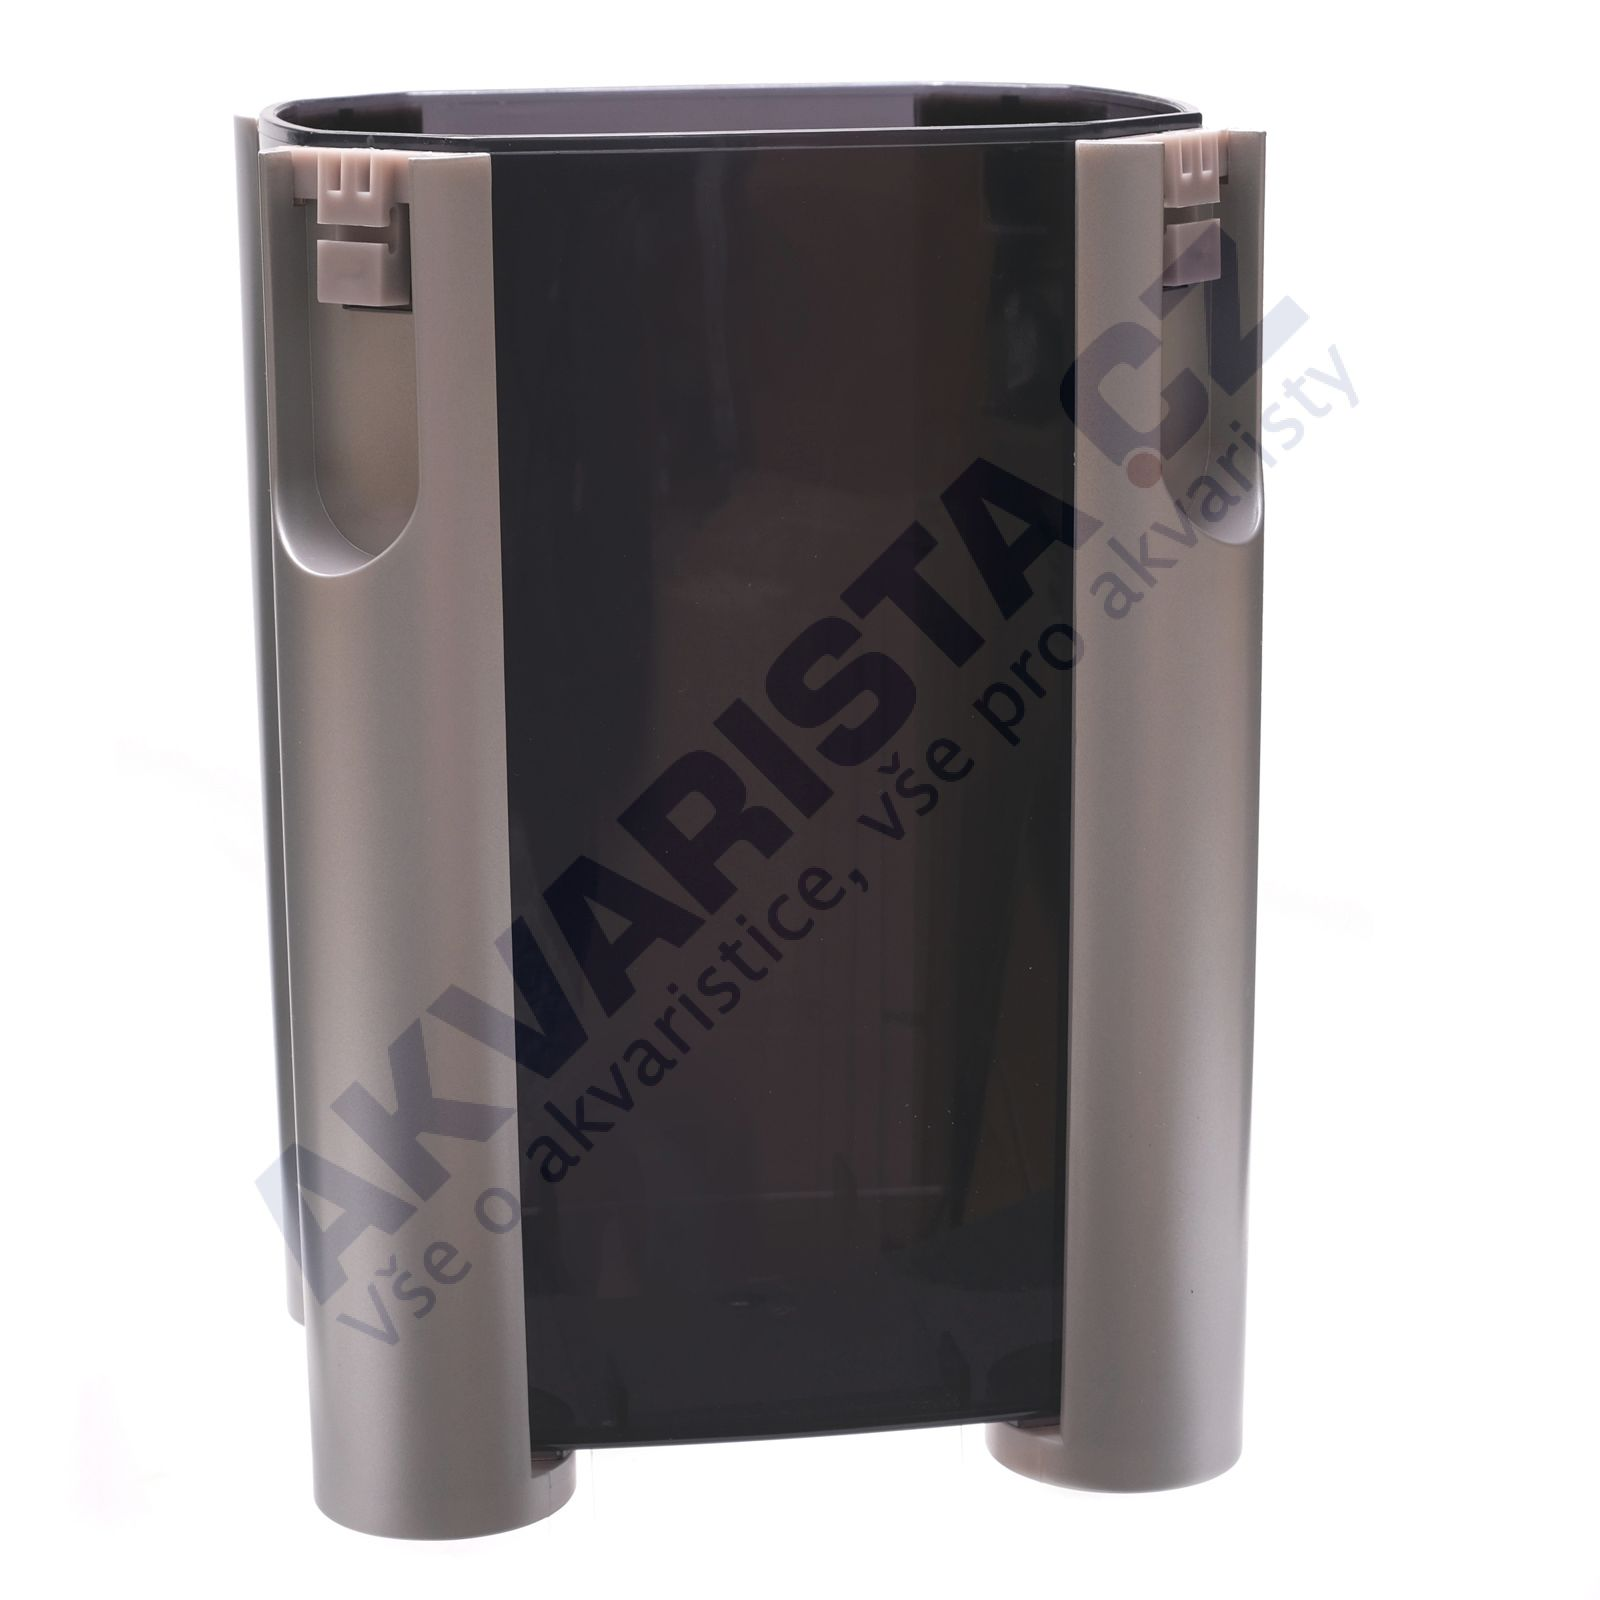 JBL Náhradní nádoba filtru CristalProfi e900, e901, e902